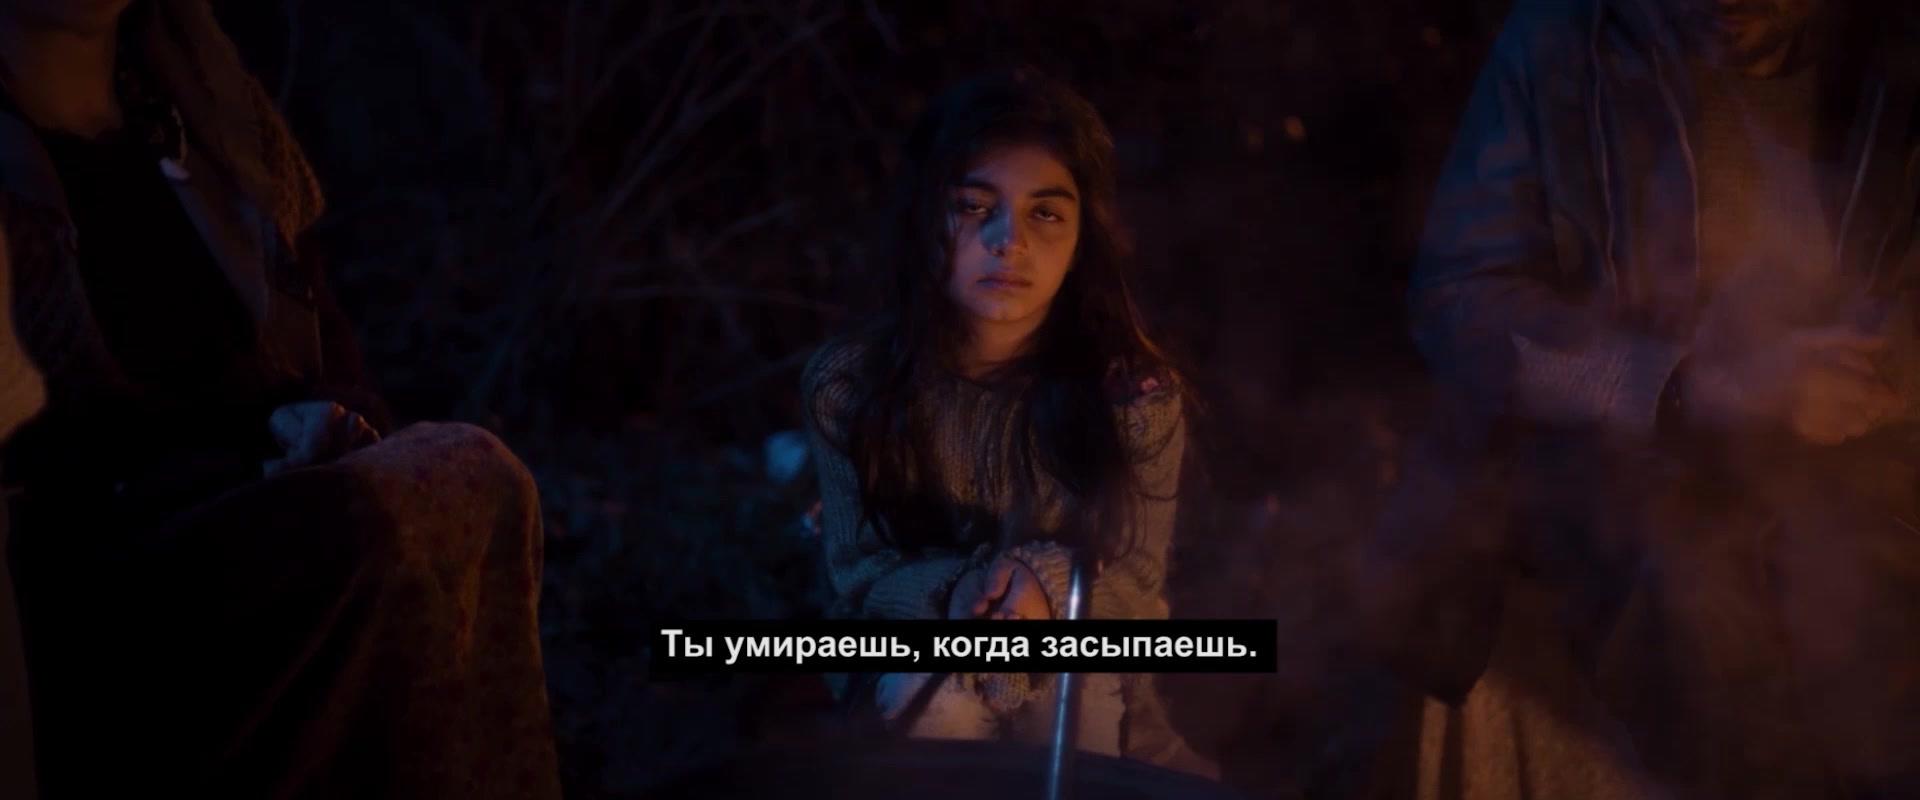 Первый анал секс со студентками русскими девочками